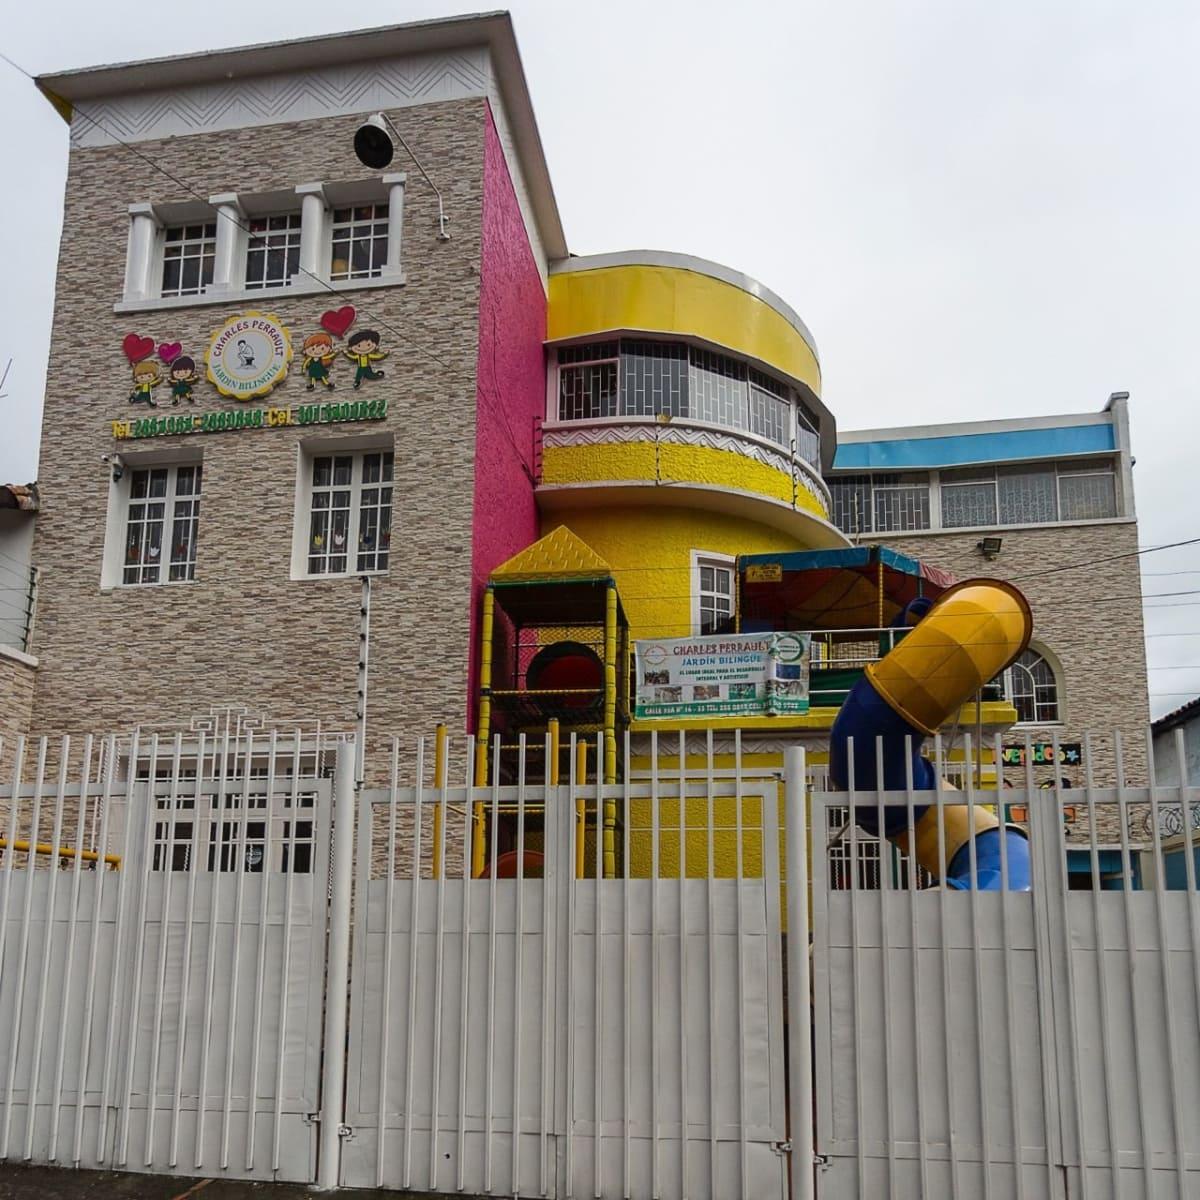 Jardin infantil charles perrault sede b guarder as for Cascanueces jardin infantil bogota